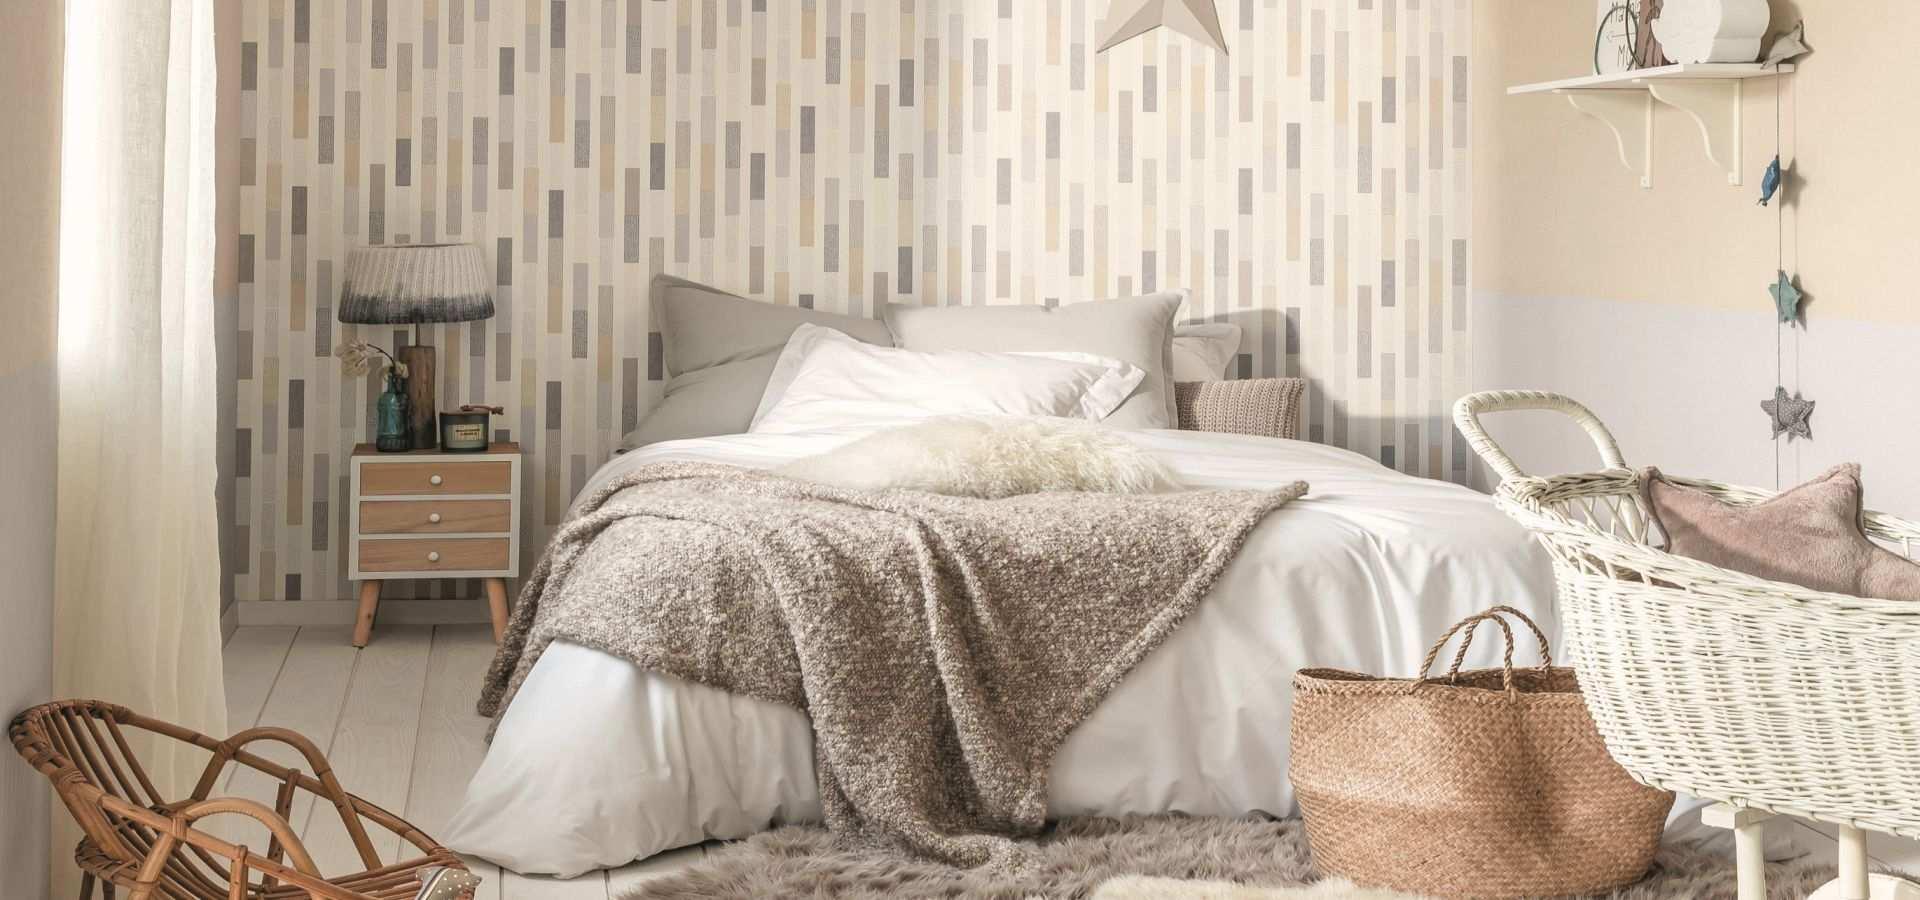 Bild Schlafzimmer Tapete Streifen